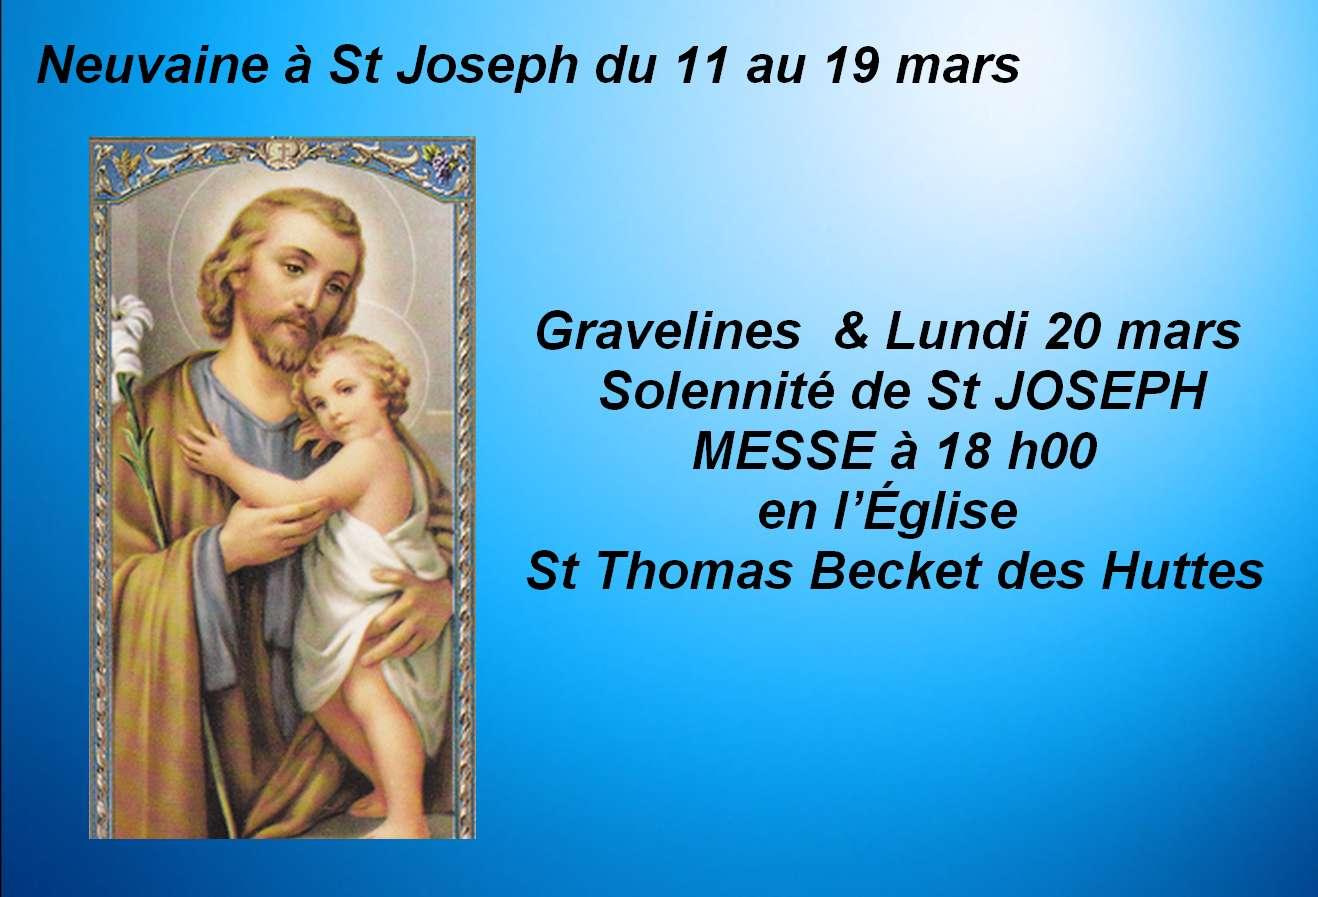 Neuvaine saint joseph pour le travail la famille la sant - Neuvaine st joseph pour vendre sa maison ...